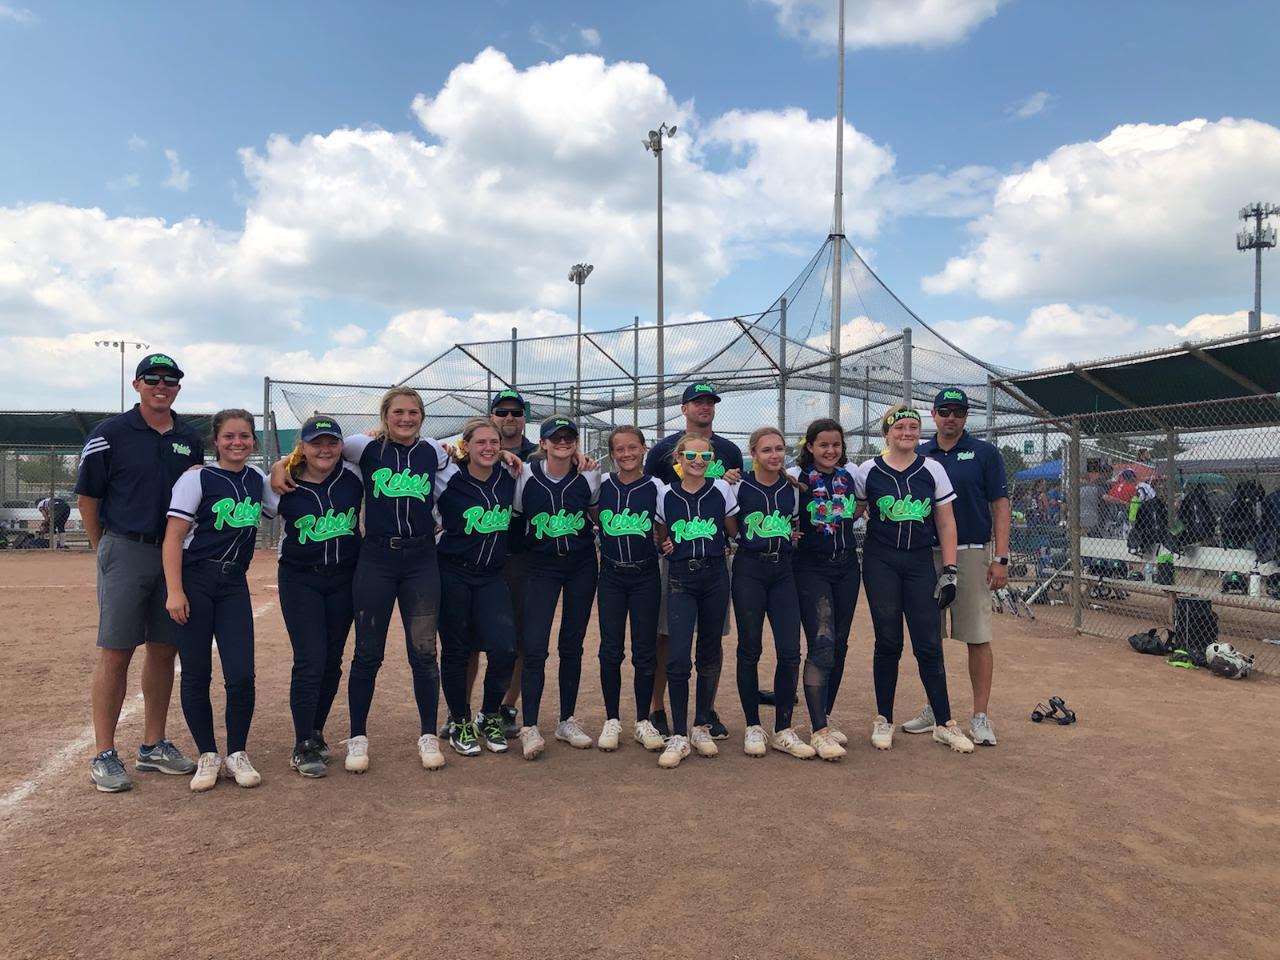 12U USSSA State Champions